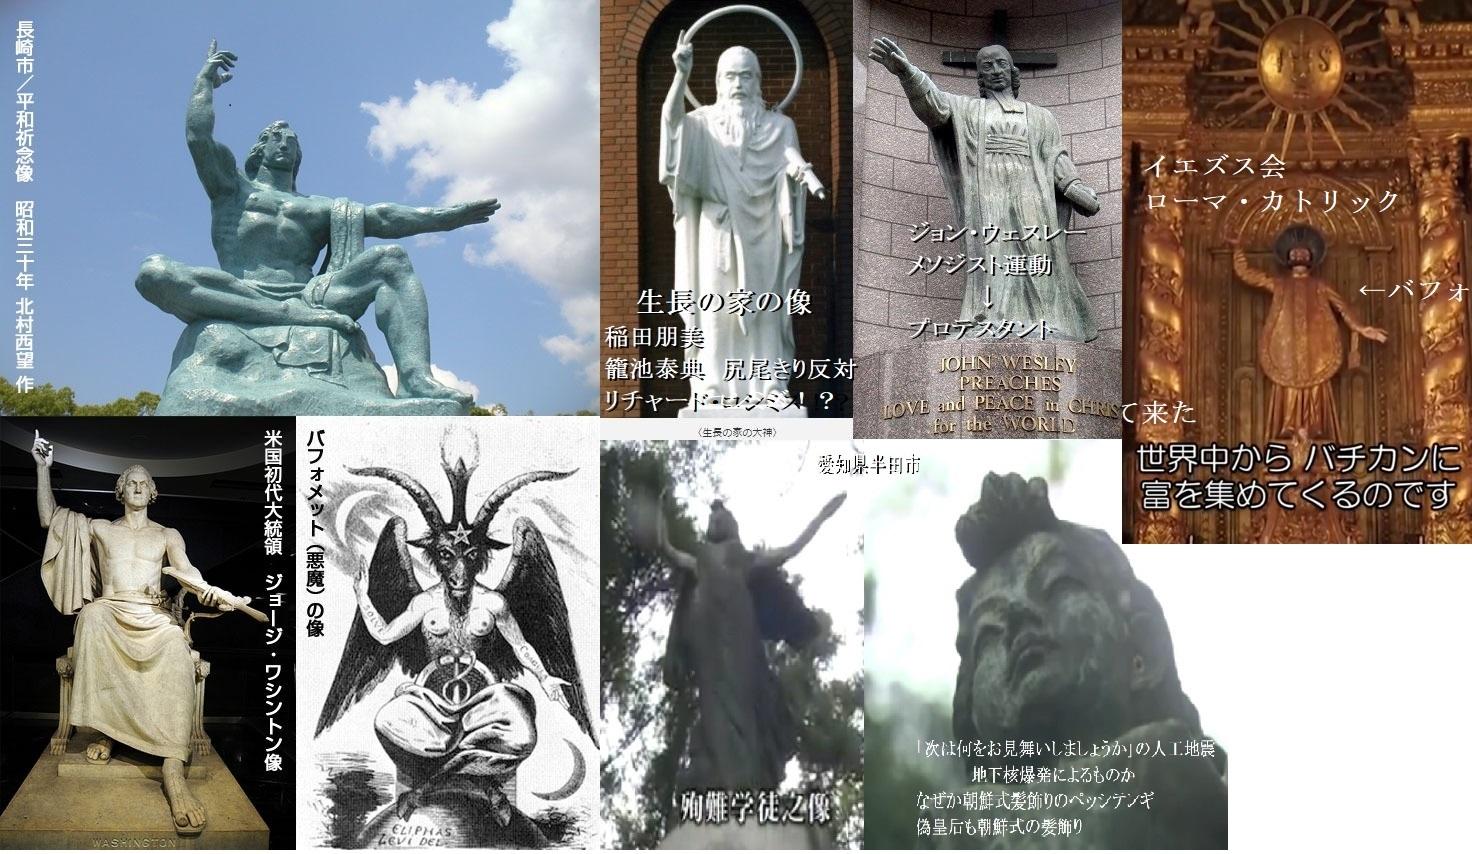 バフォメット像 平和祈念像 生長の家 イエズス会 ローマ・カトリック 何をお見舞いしましょうかの像